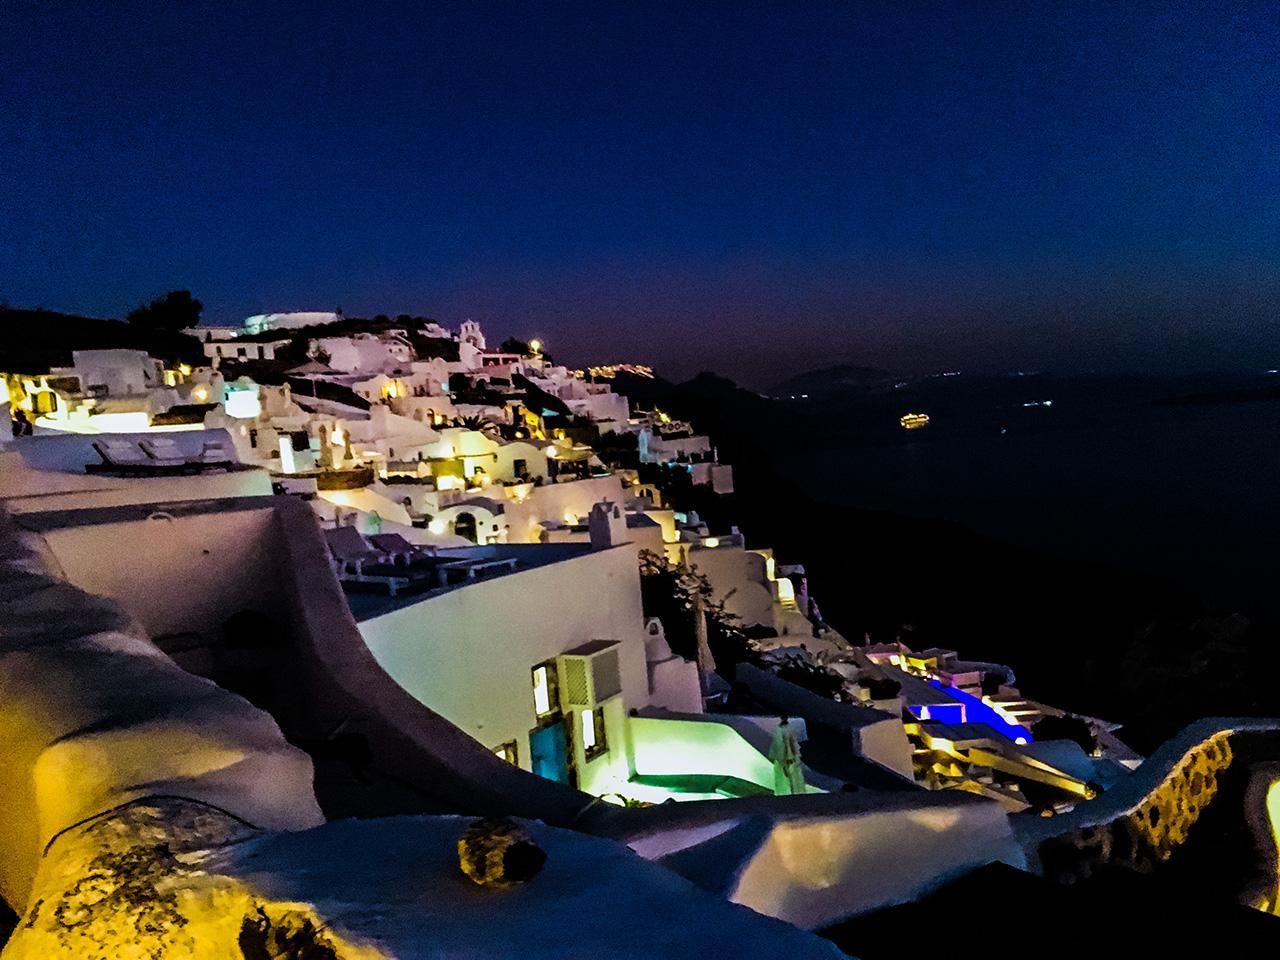 Oia - the jewel of the Aegean Sea